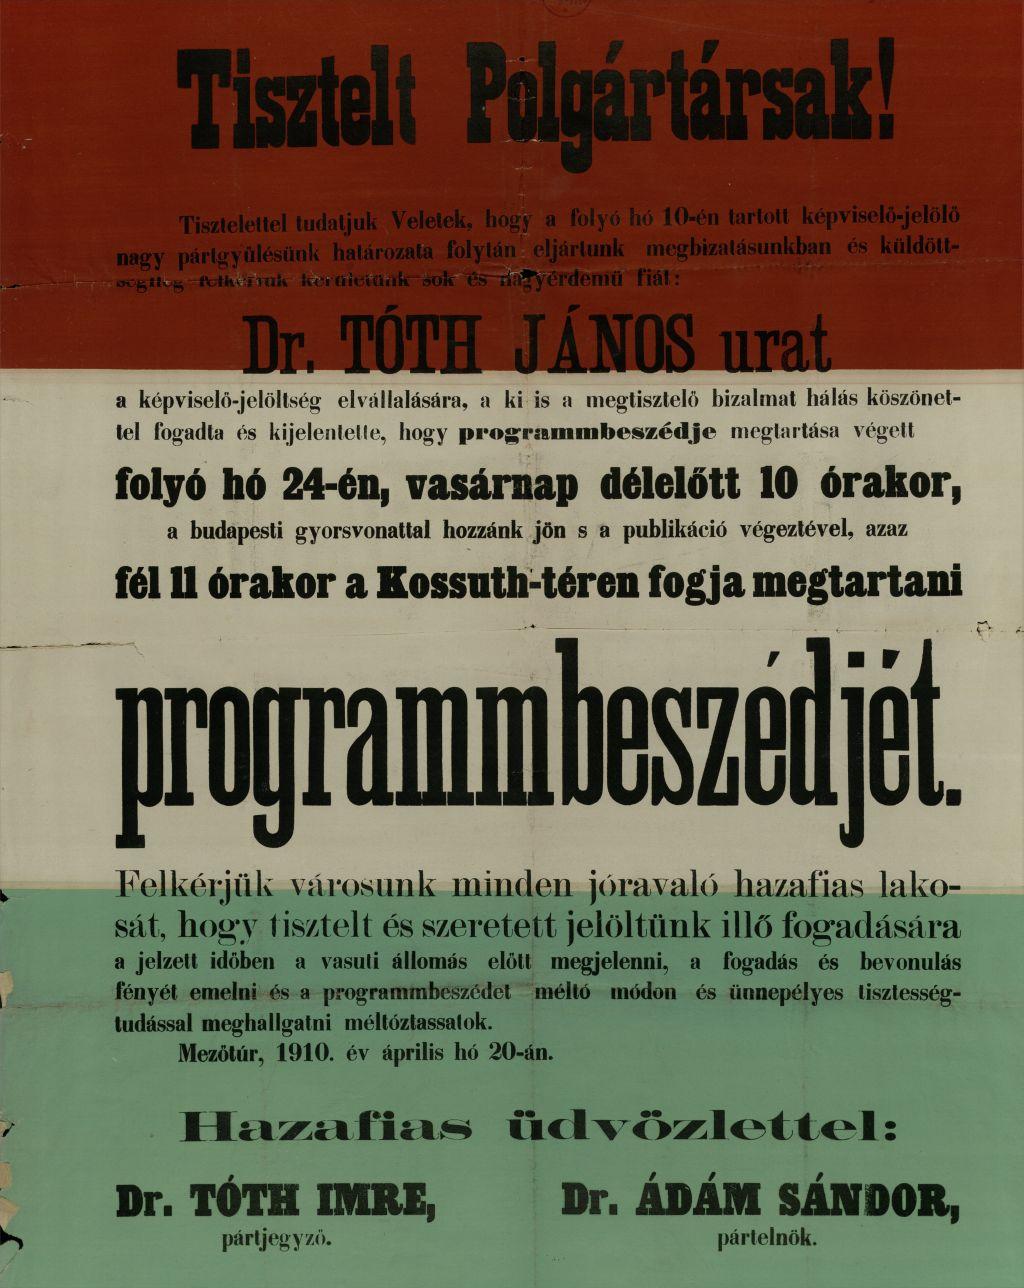 Dr. Tóth János programbeszéde